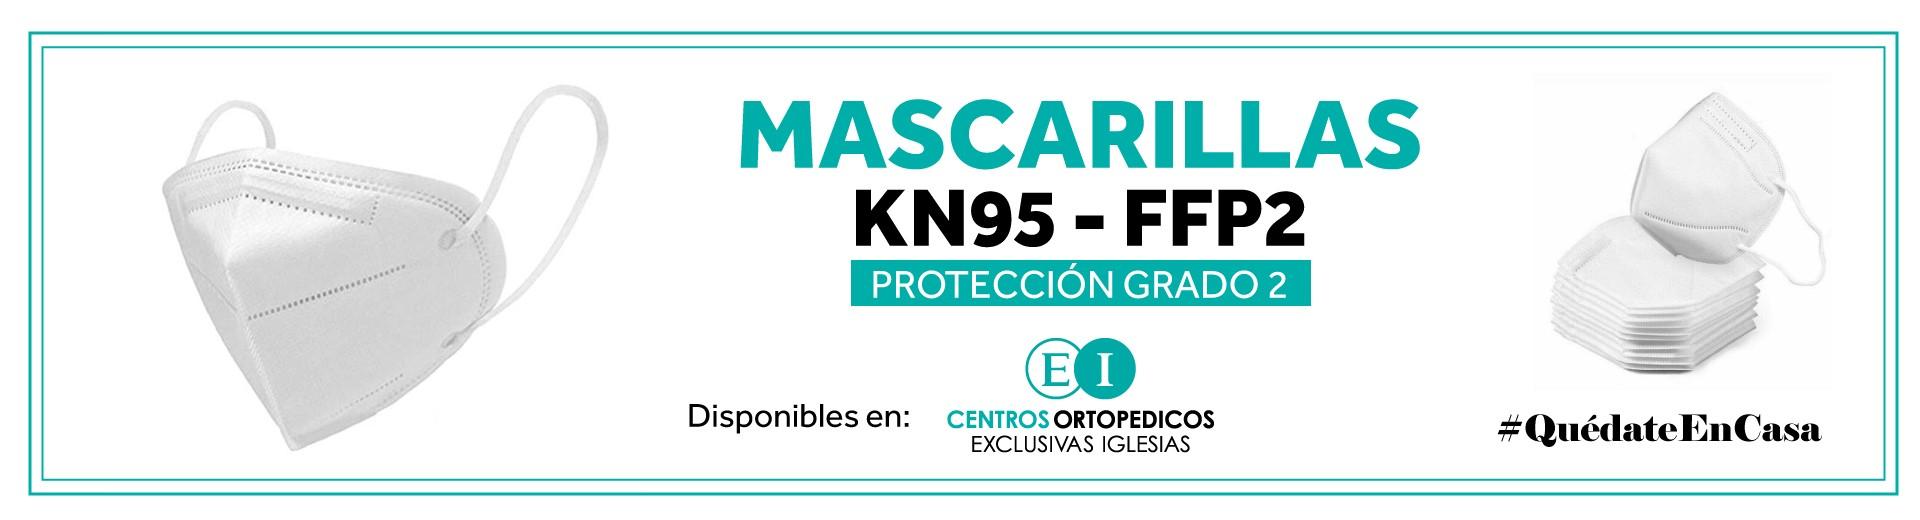 Tenemos MASCARILLAS KN95 - FFP2 con protección grado 2